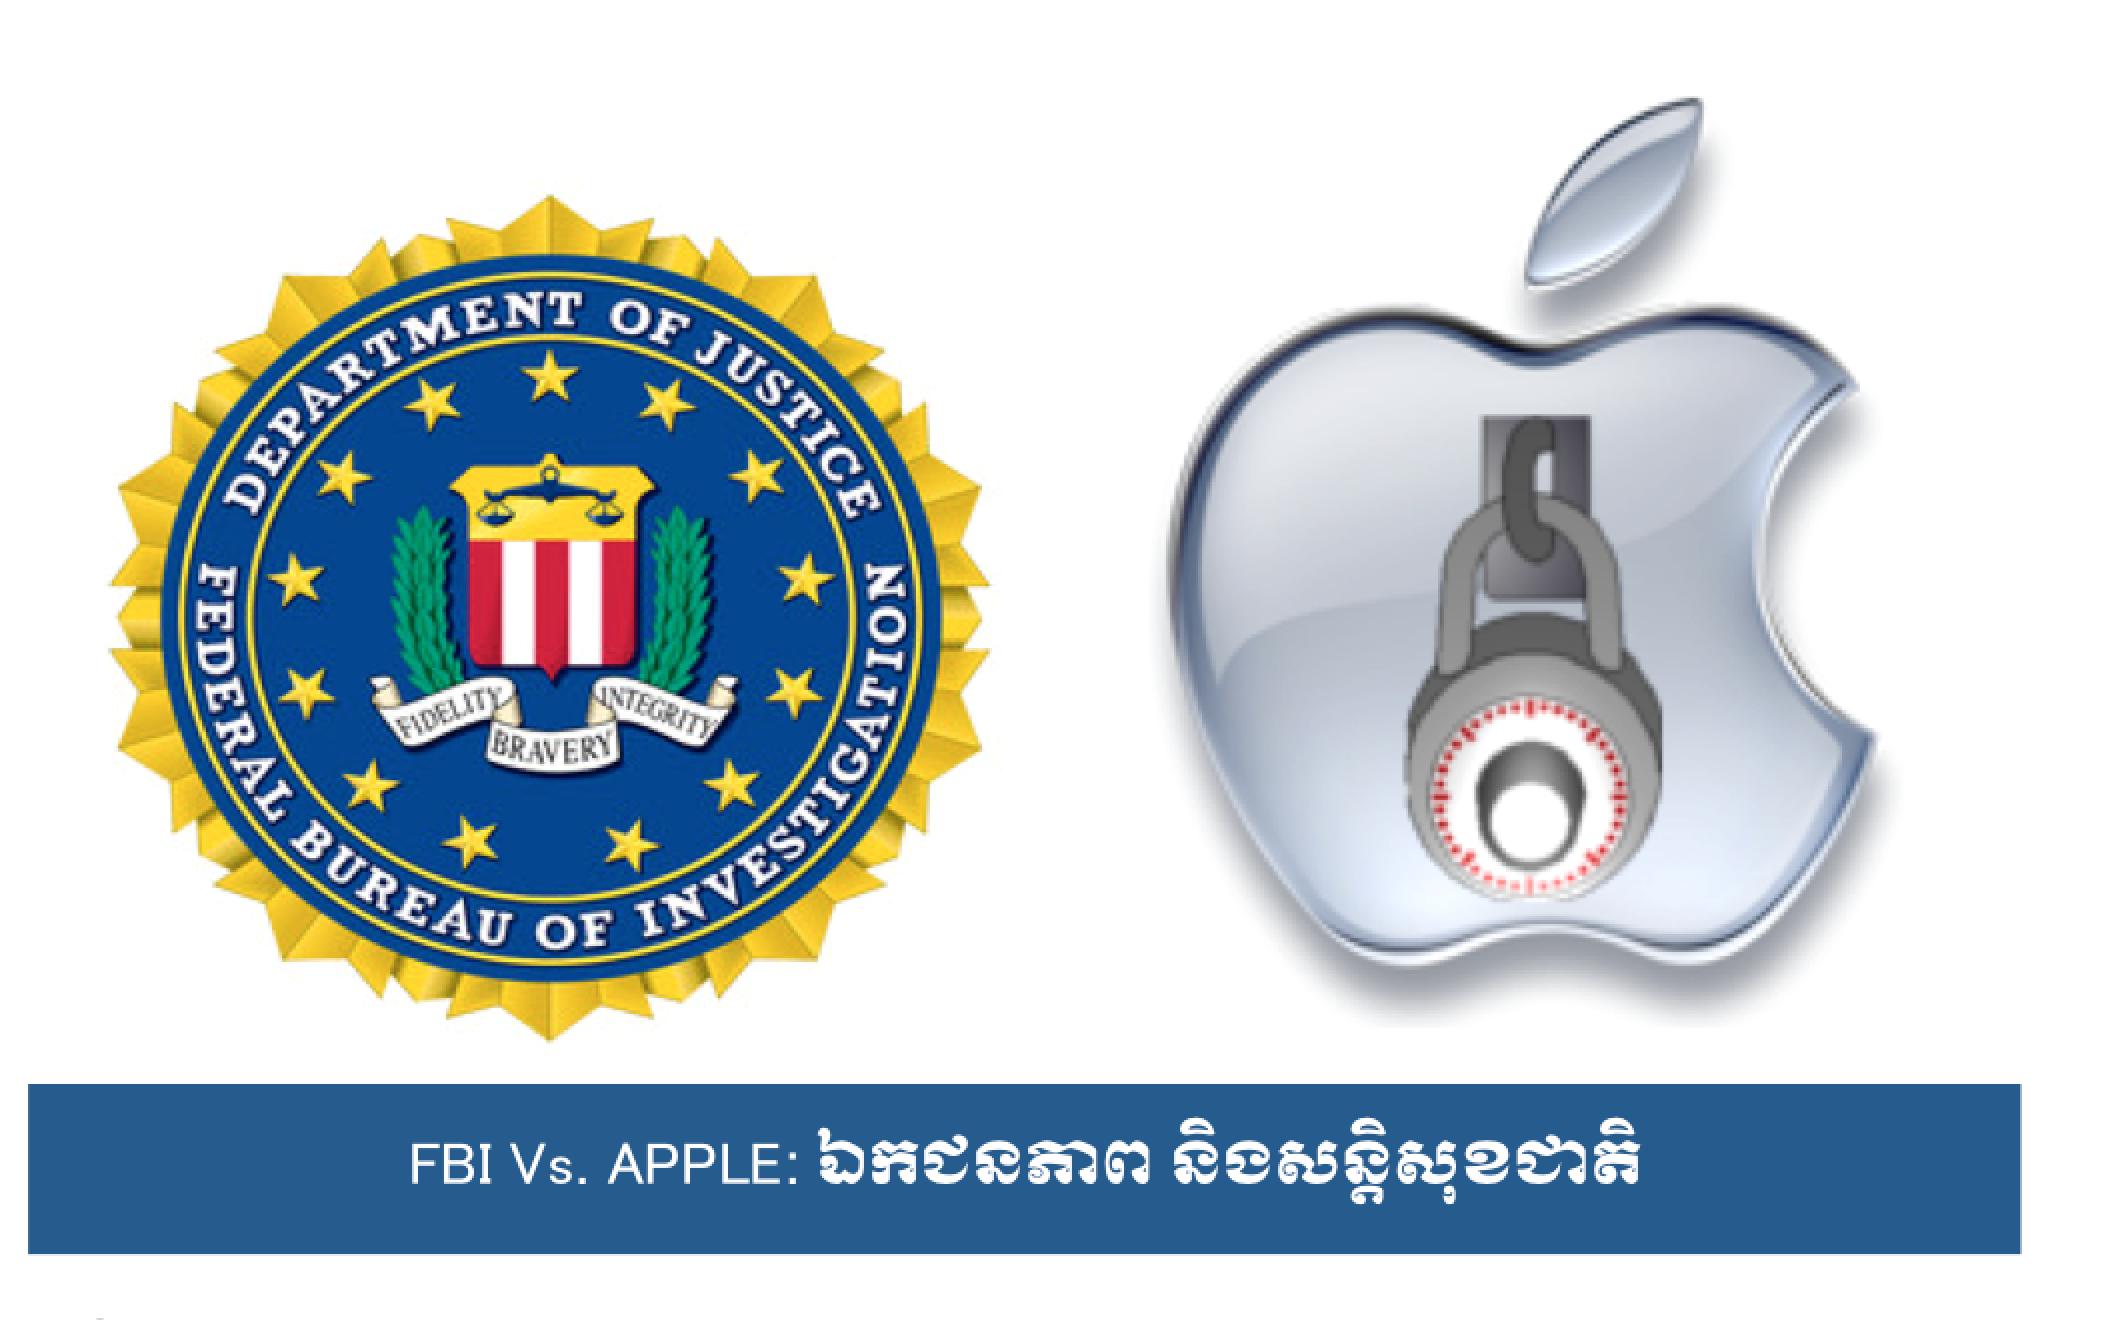 FBI Vs. Apple: ឯកជនភាព និងផលប្រយោជន៍សន្តិសុខជាតិ ...